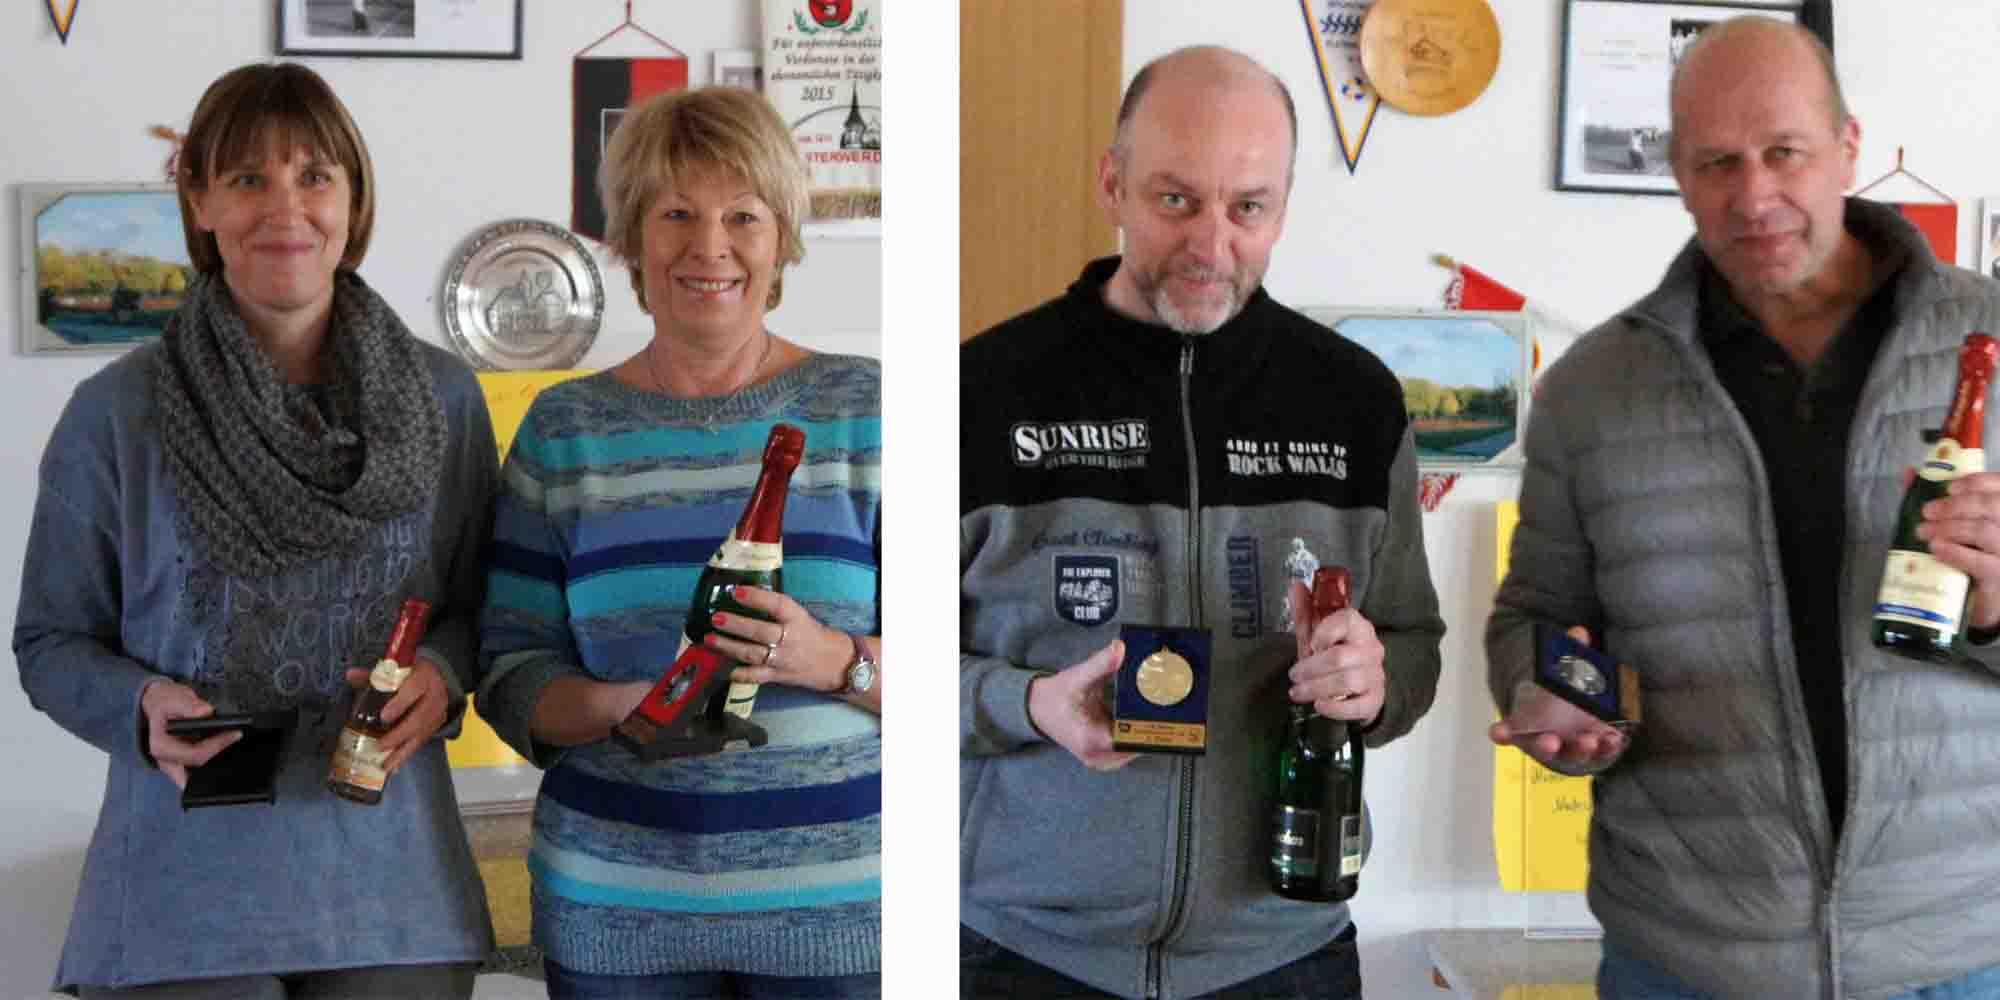 v.l.n.r.: Katrin Rakette (Halle), Birgit Schneiderhan (Elsterwerda), Torsten Munke (Dresden) sowie Steffen Rakette (Halle)